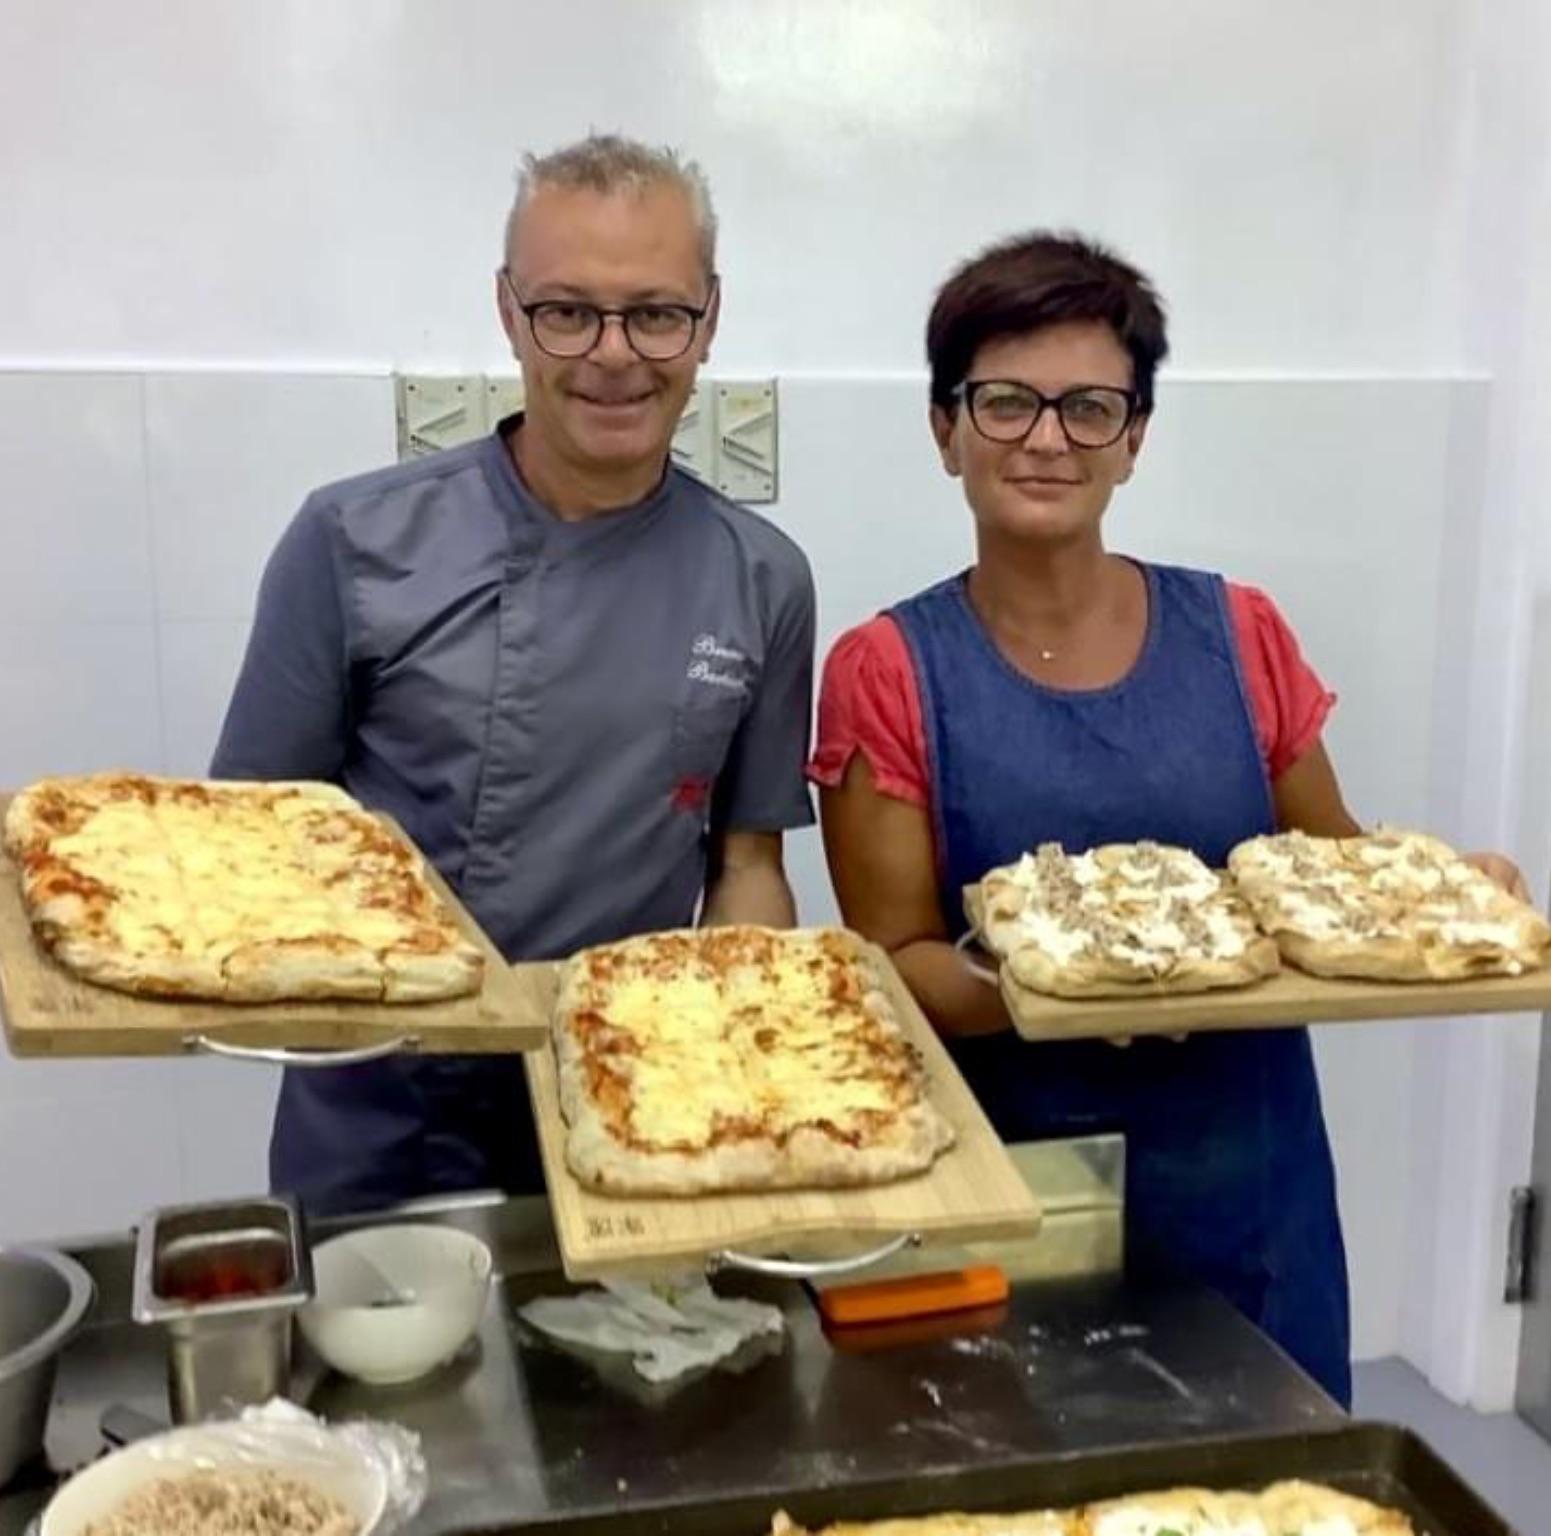 Clamoroso a Crema: dalle Maldive arriva la pizza alla Pala Maldiviana col ritorno alla grande di BB Pizza